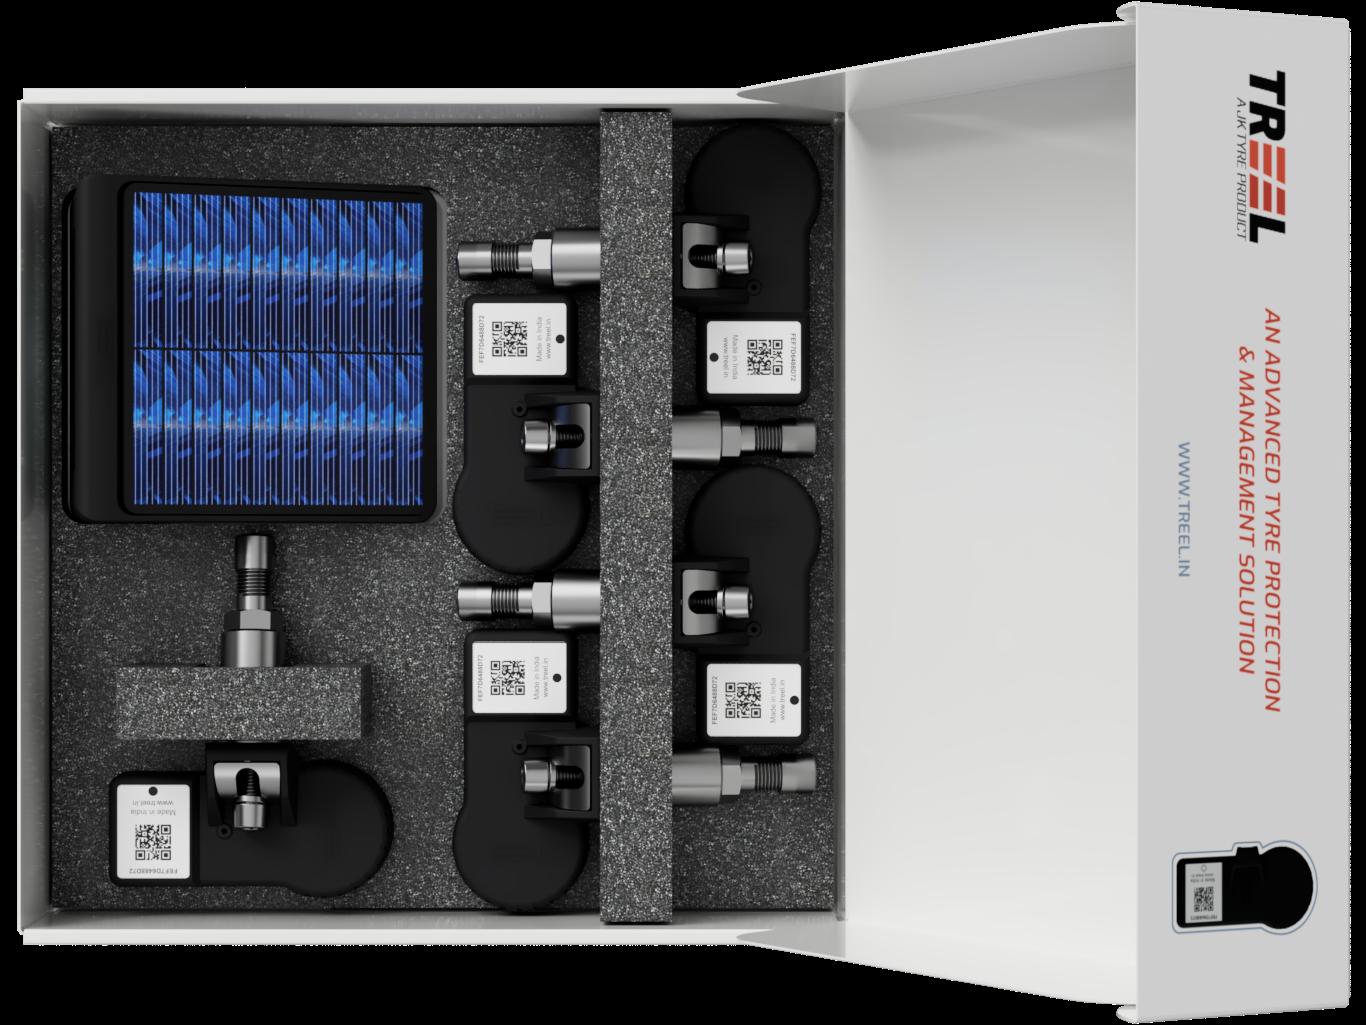 Smart Sensor & Display Car Kit